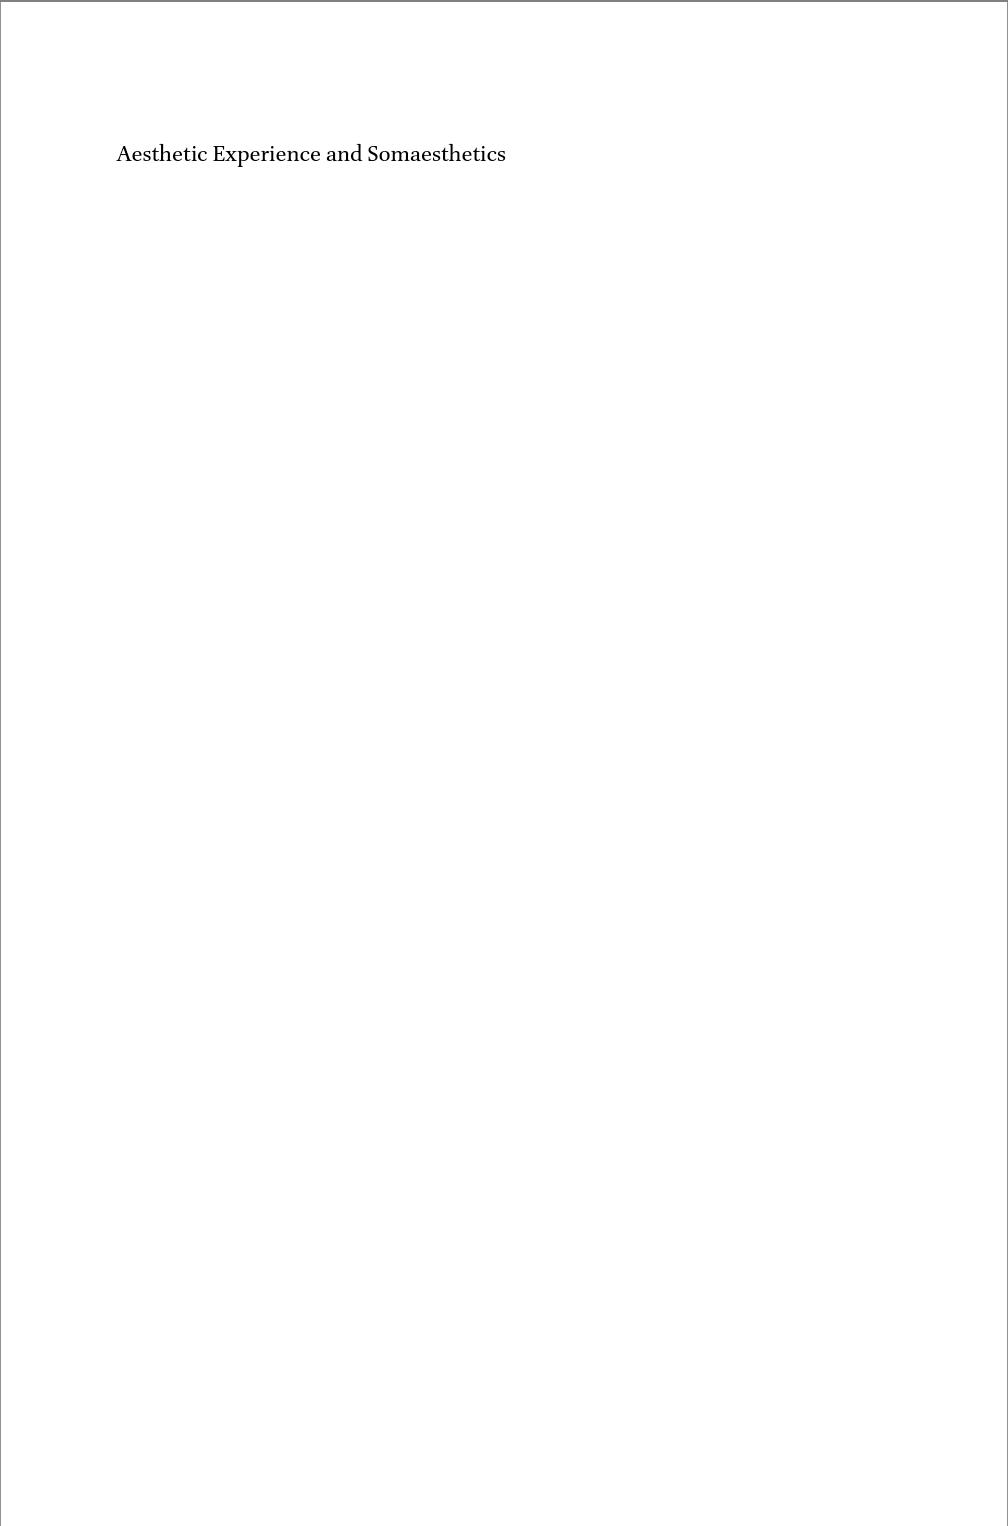 Screen Shot 2018-11-19 at 9.27.05 PM.png